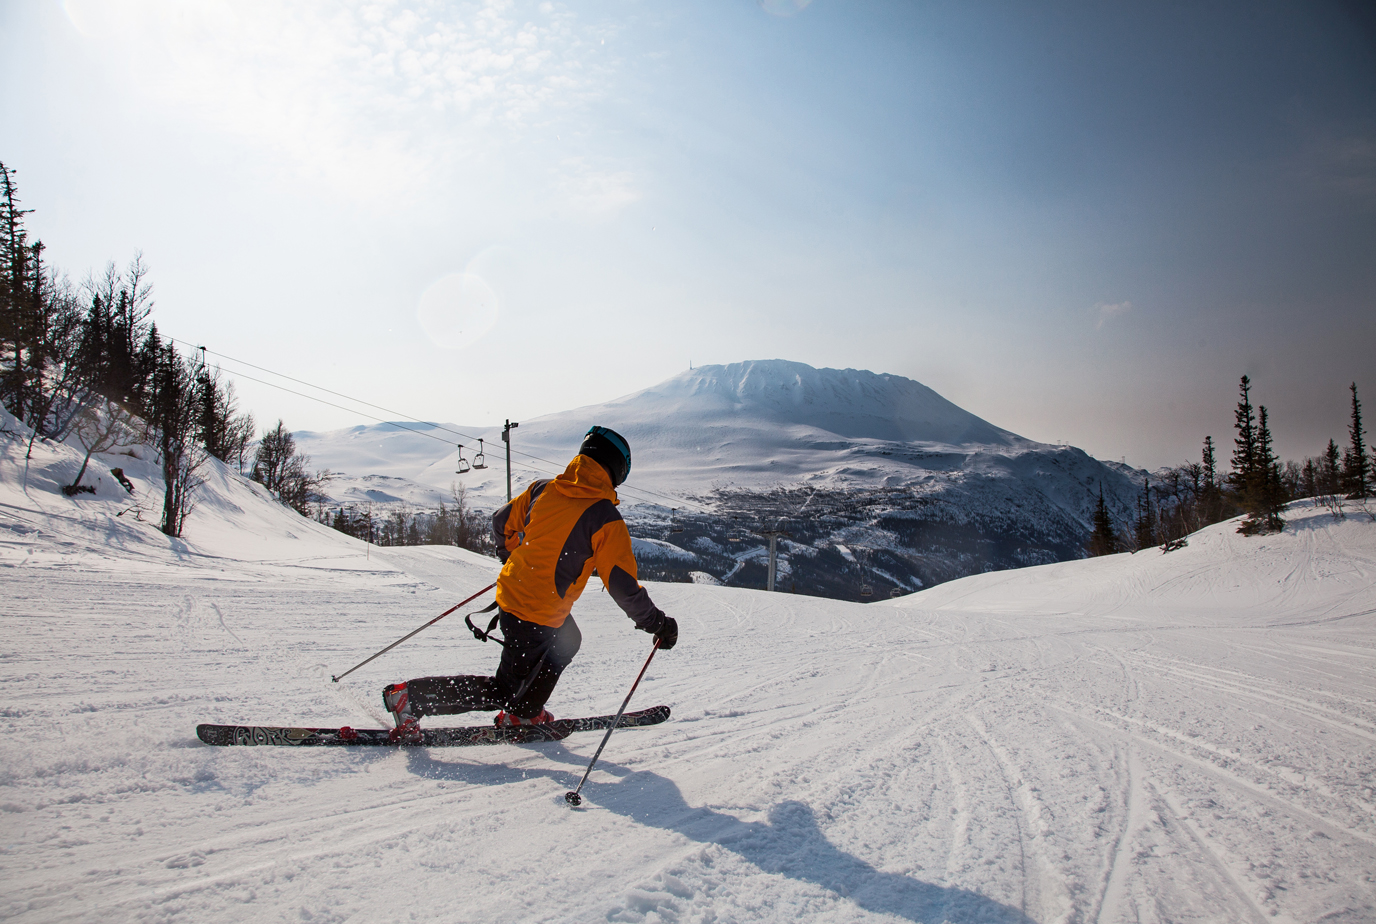 Gaustablikk Skisenter ligger flott til ved foten av Gaustatoppen. , © Gaustatoppen Booking/Trond Stegarud